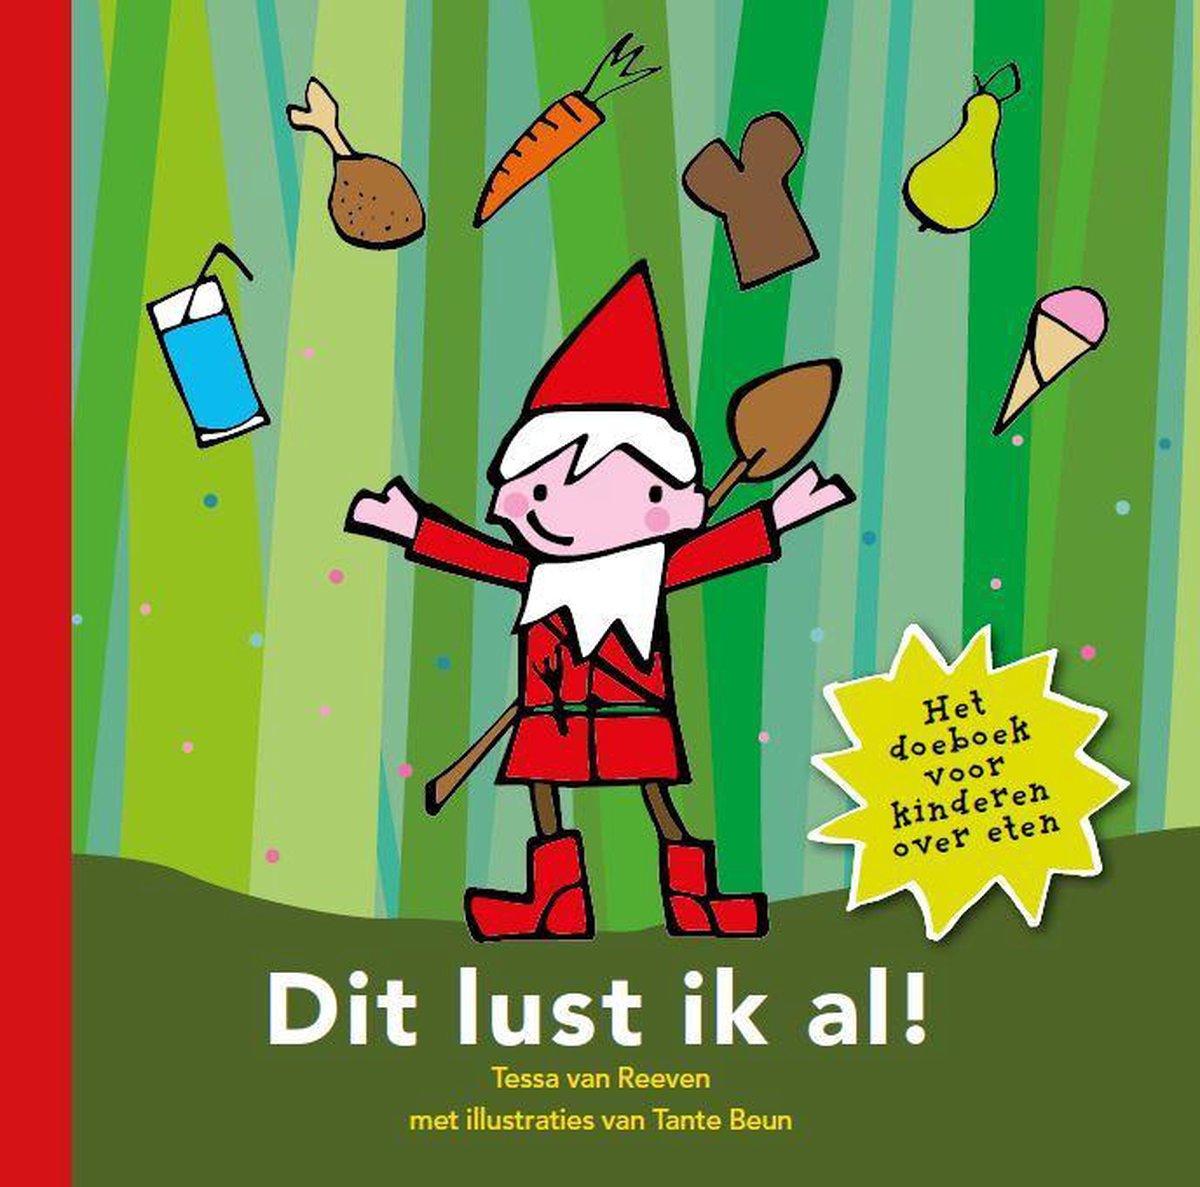 Dit lust ik al - Boek - kinderboek - eten - kabouter Bik